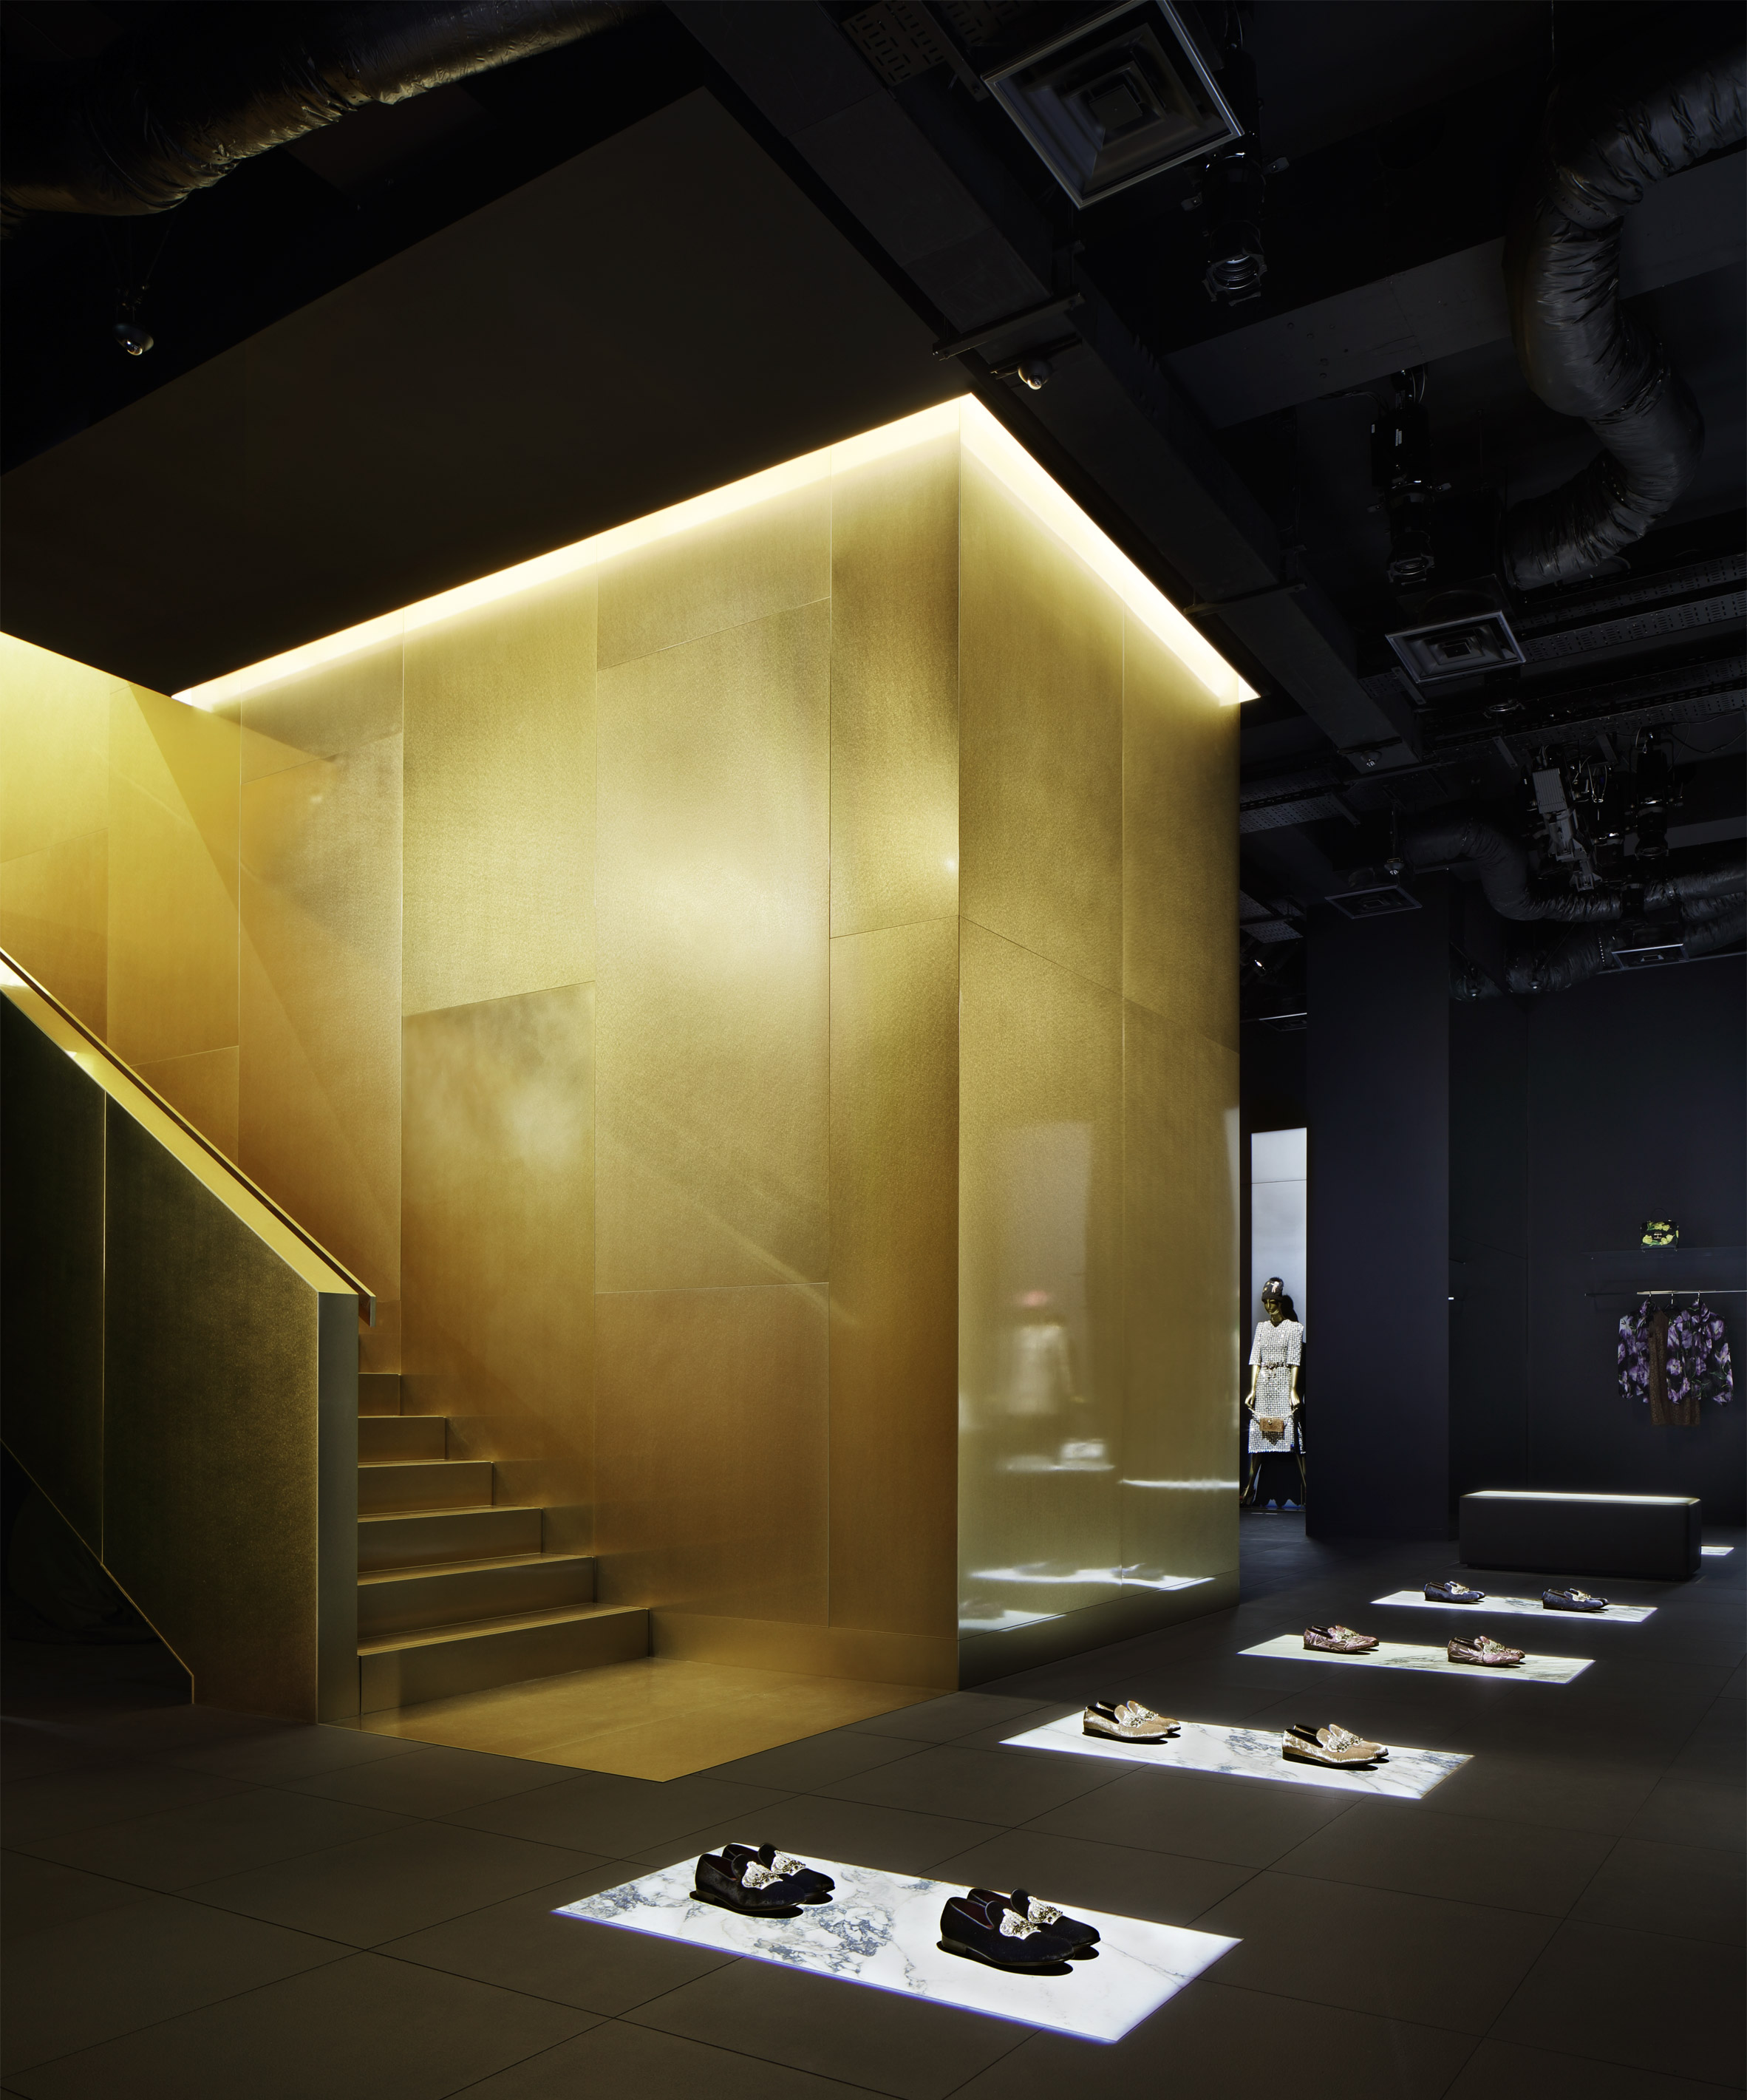 architecture_dolceandgabbana_tokyo_design_studia_interiors_osnovadesign_osnova_poltava_02